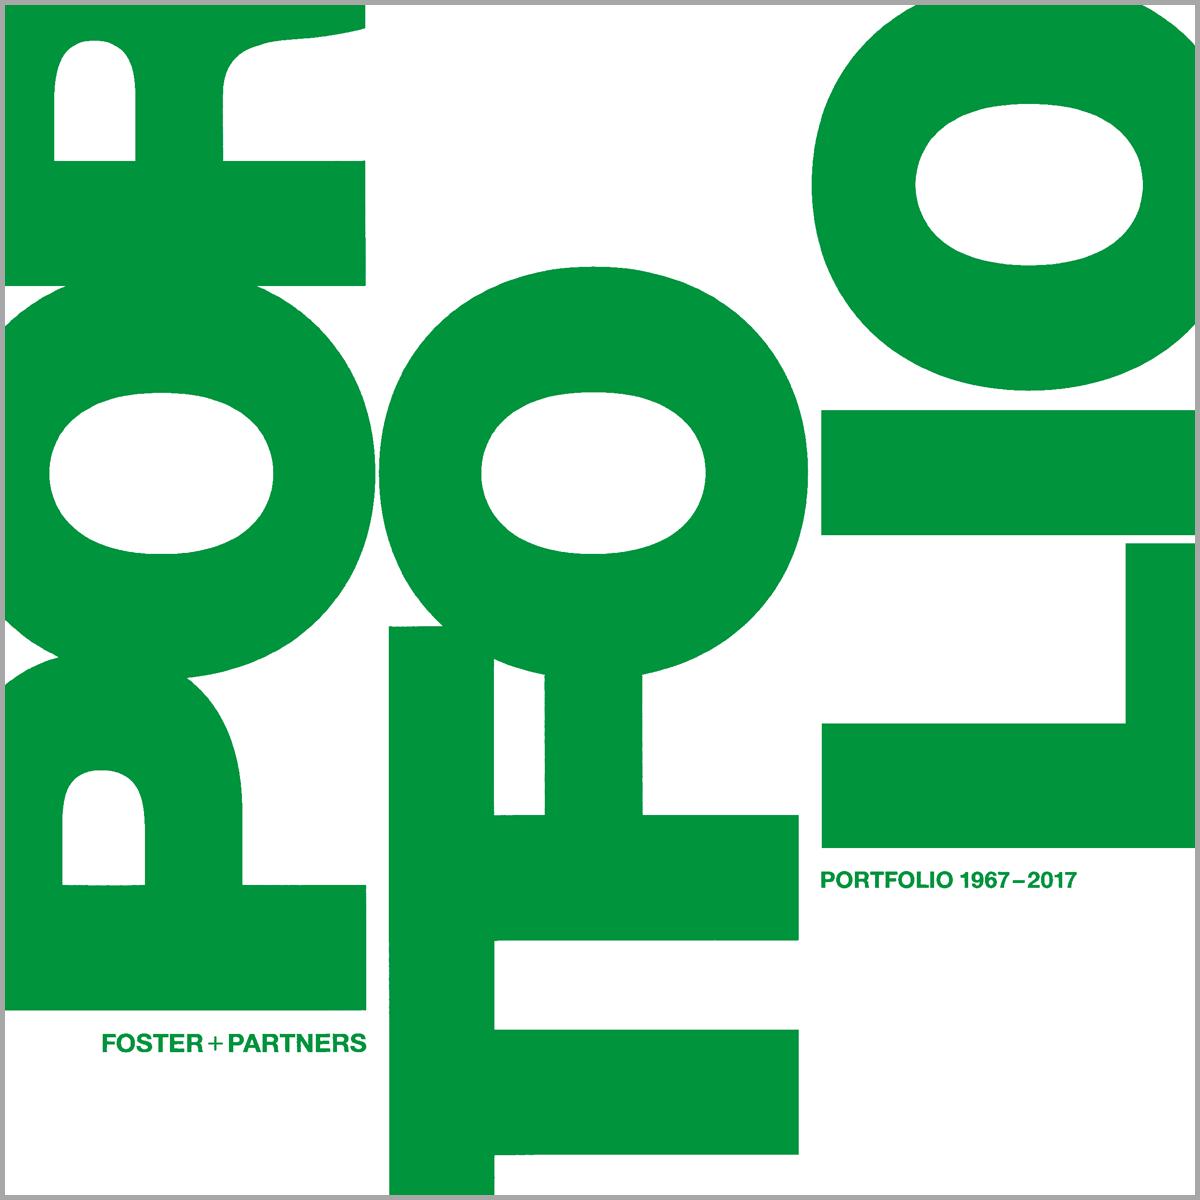 Portfolio, 1967-2017